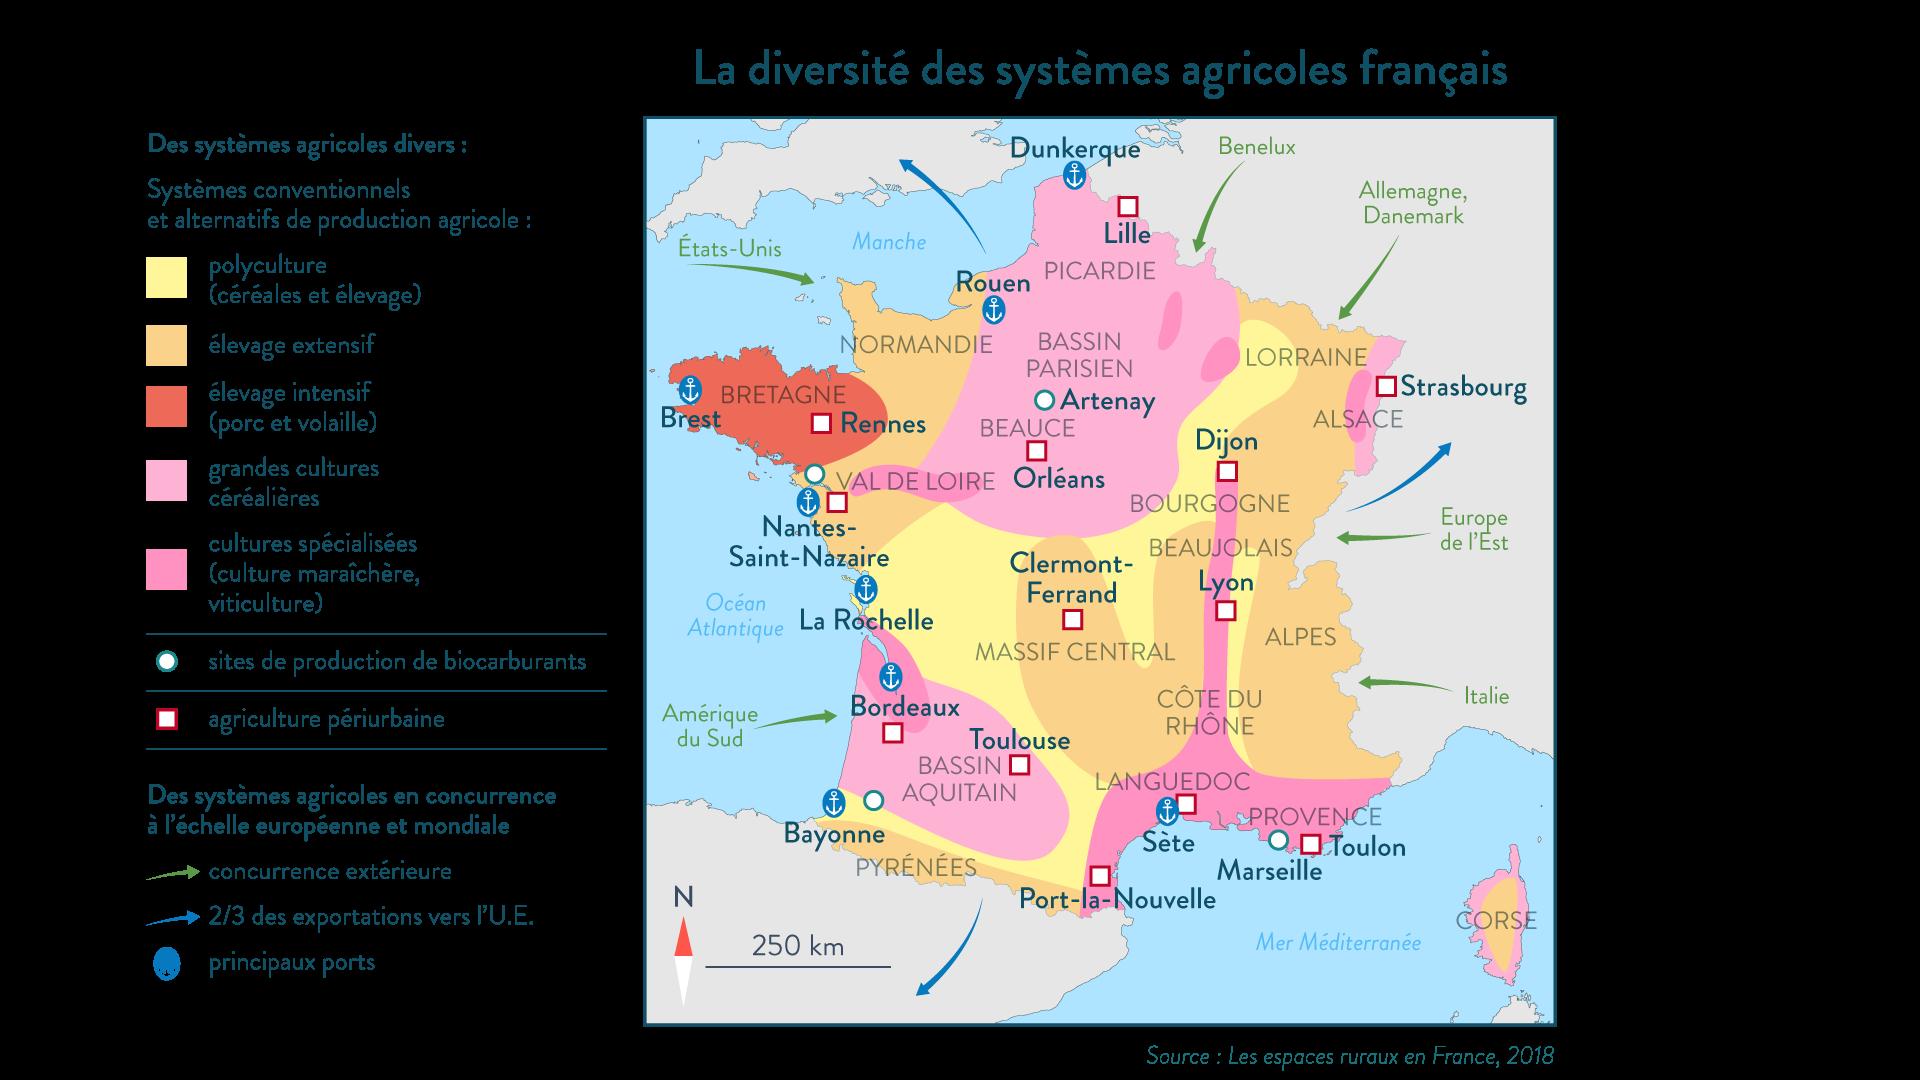 La diversité des systèmes agricoles français - géographie - 1re - SchoolMouv